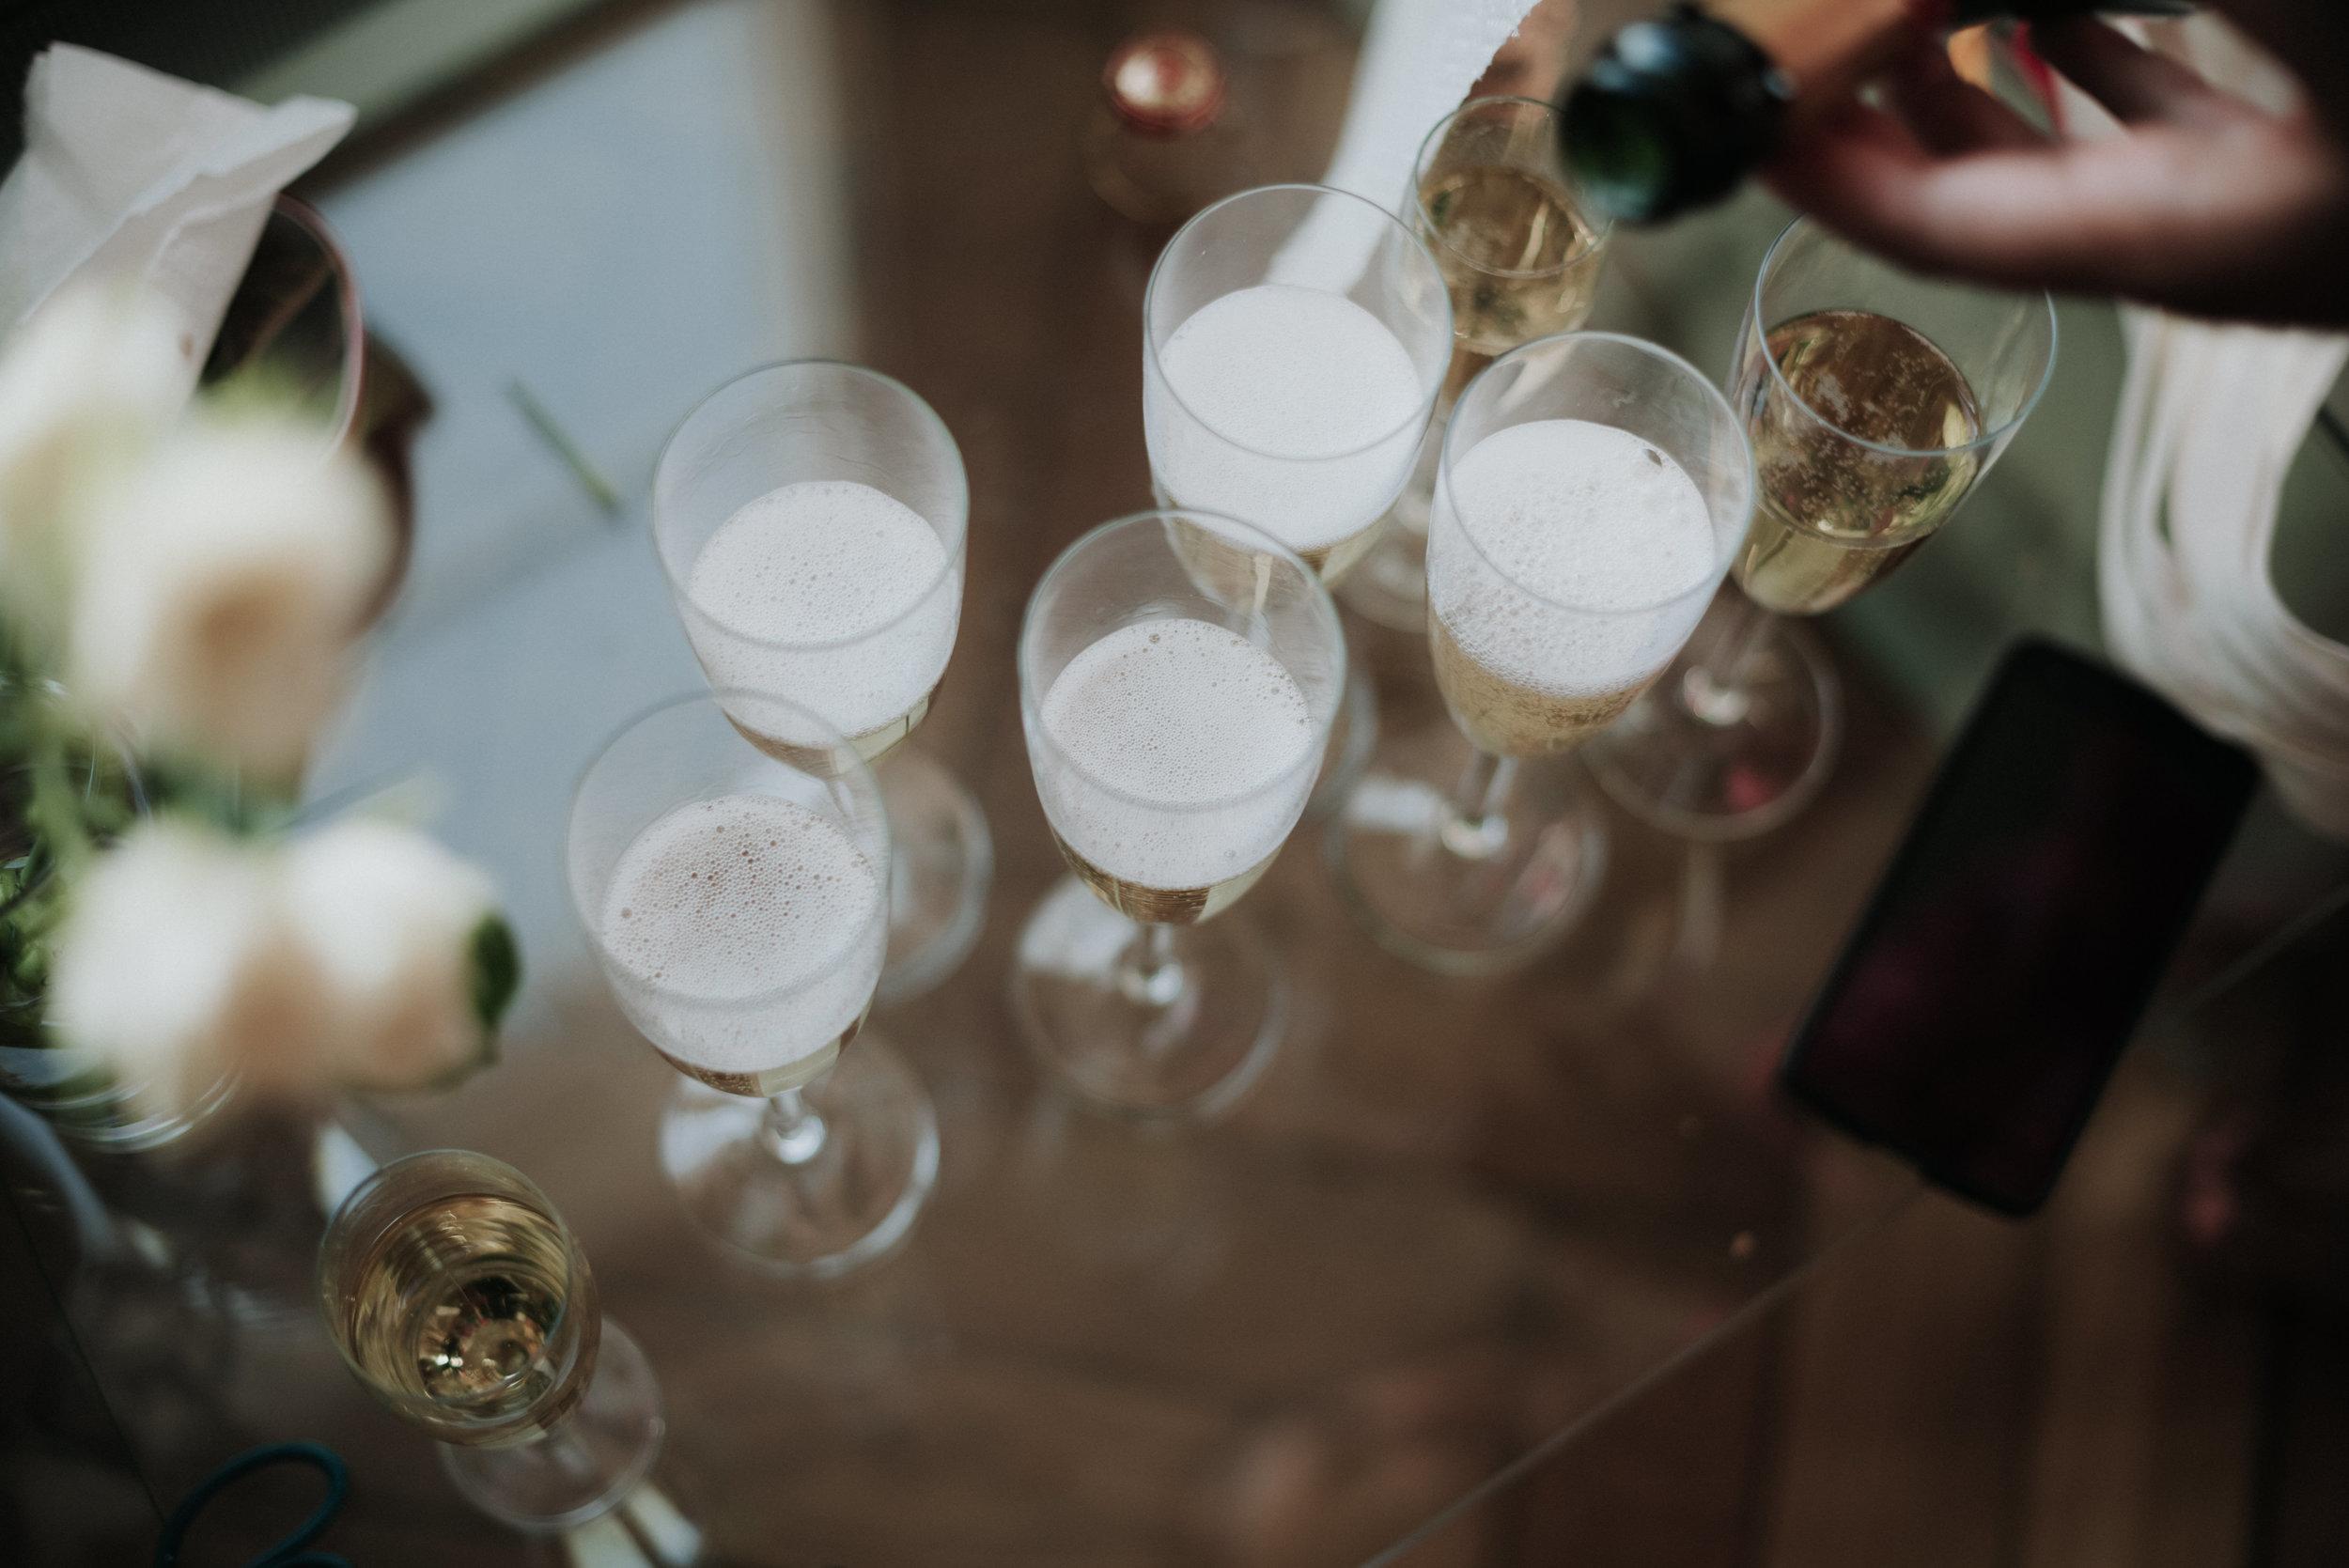 Léa-Fery-photographe-professionnel-lyon-rhone-alpes-portrait-creation-mariage-evenement-evenementiel-famille-7865.jpg